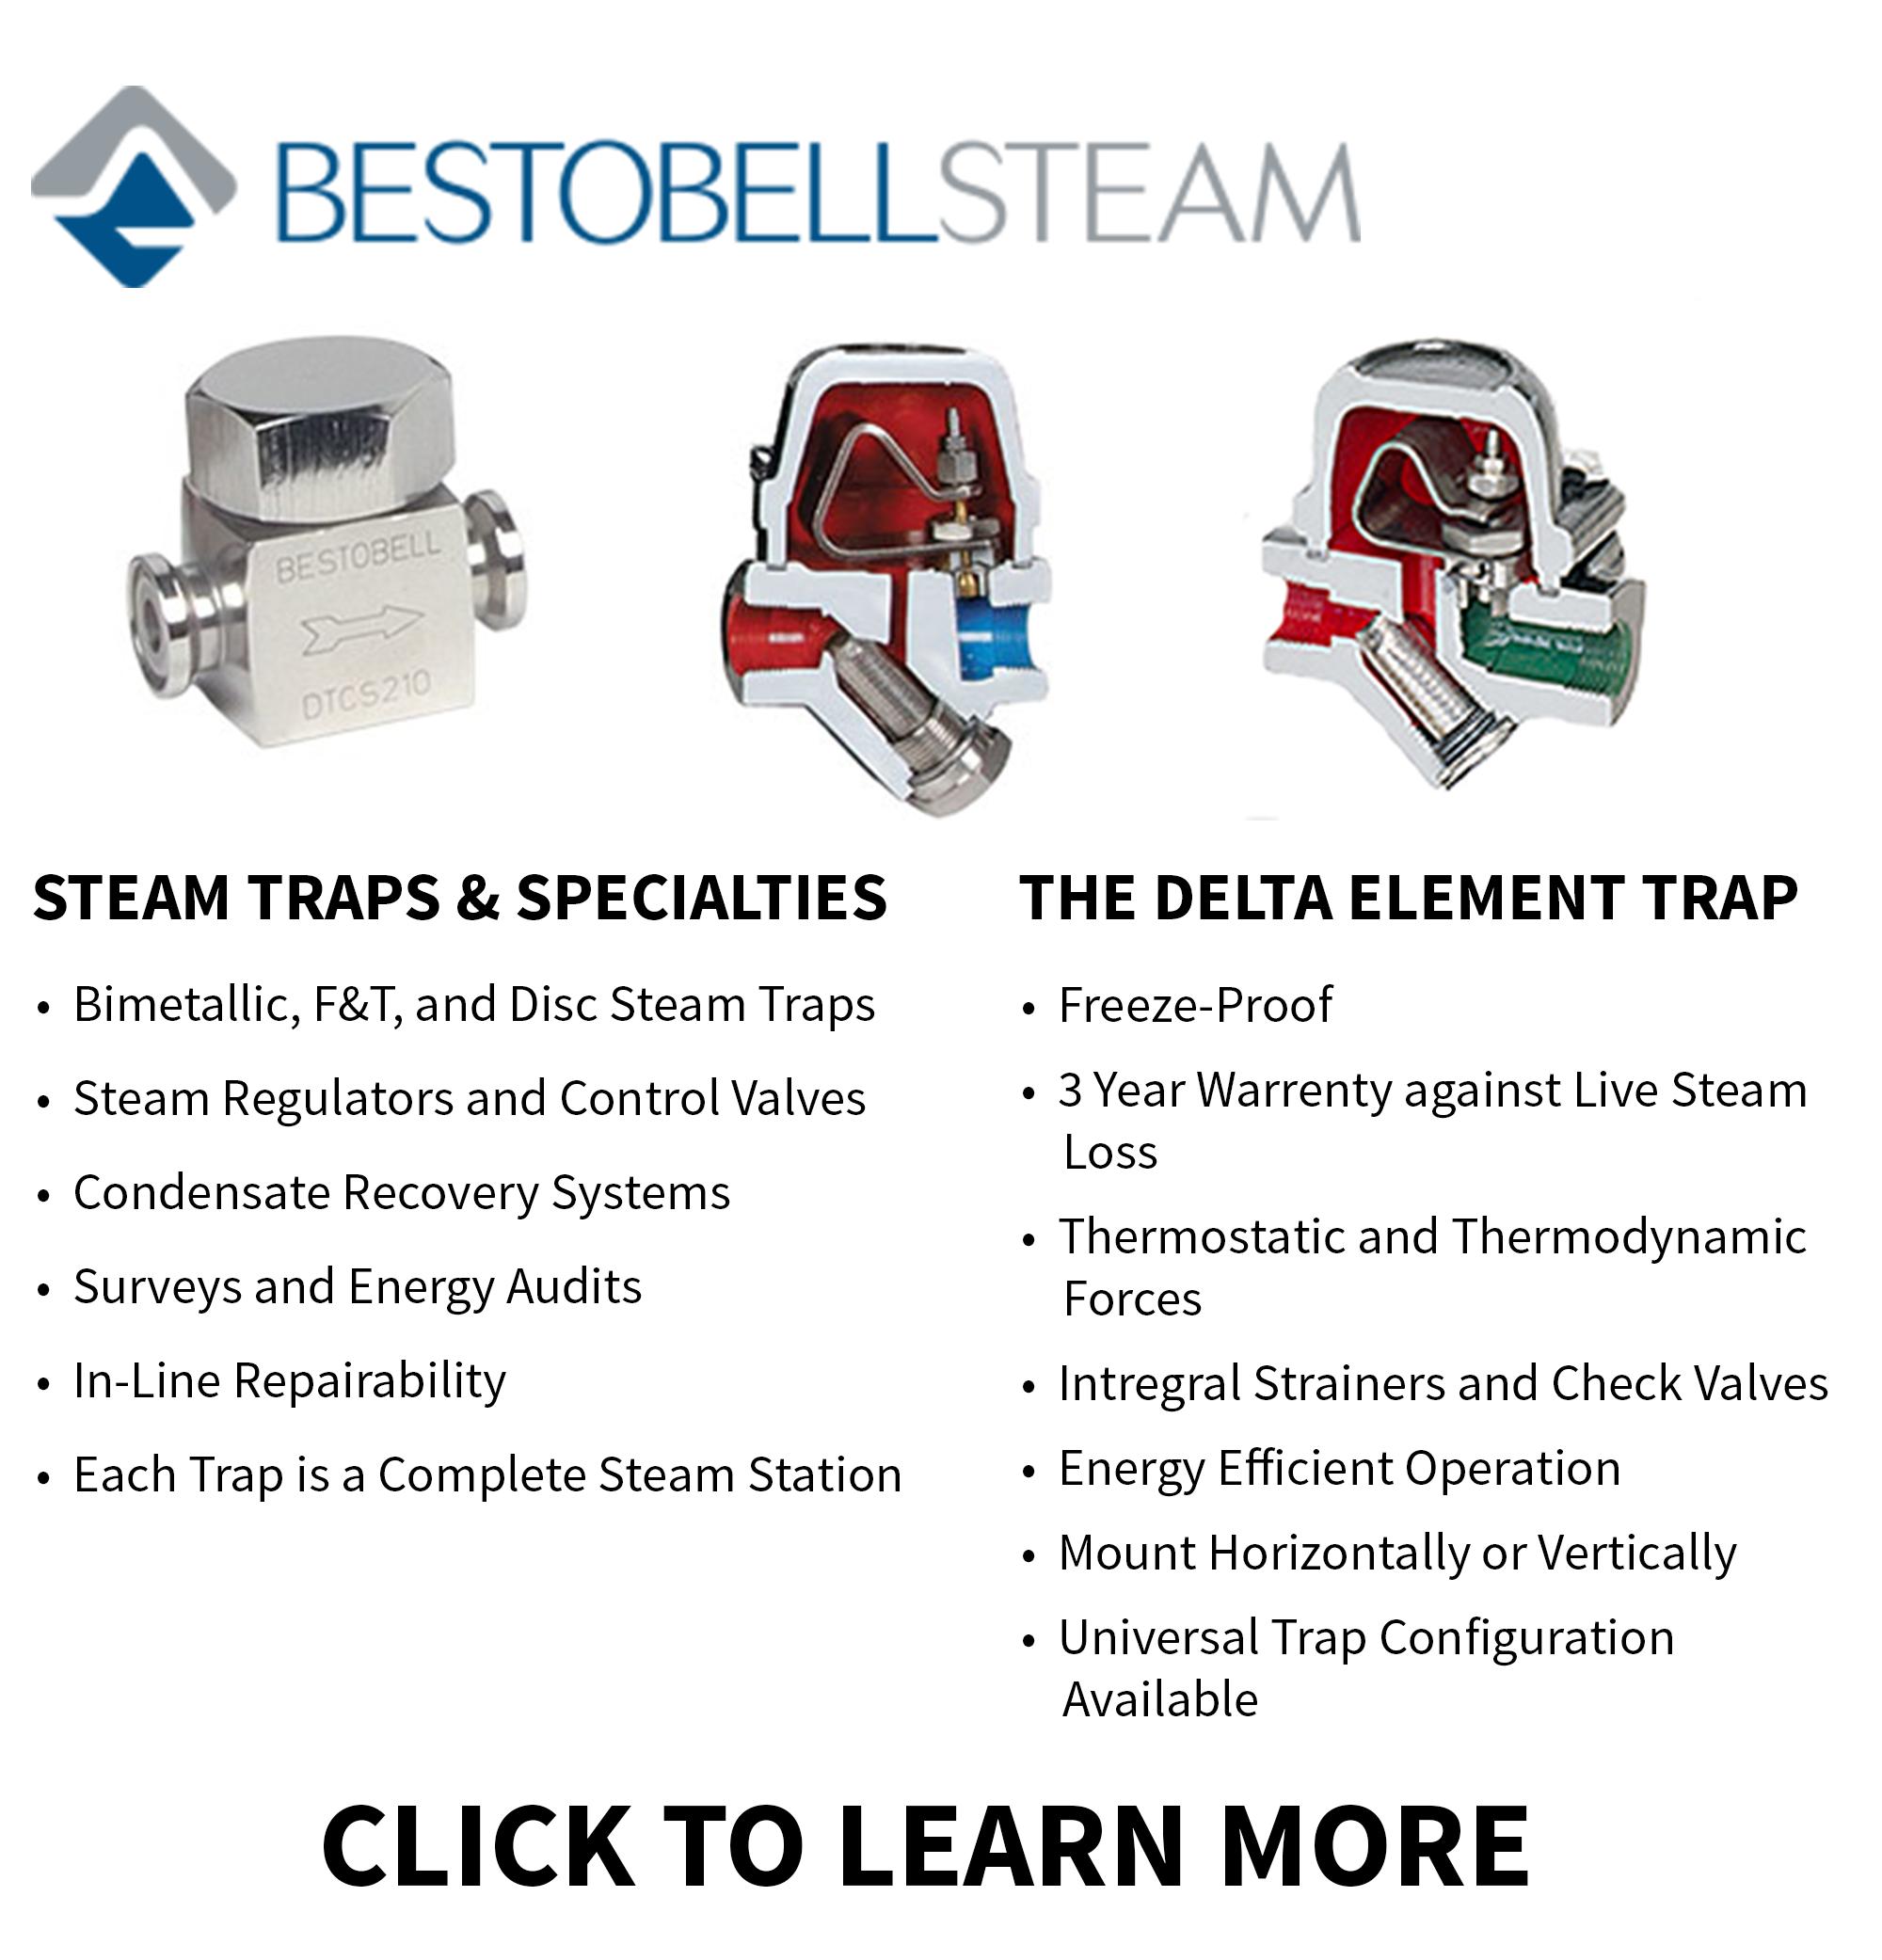 Ohio Valley Industrial Services- Bestobell Steam